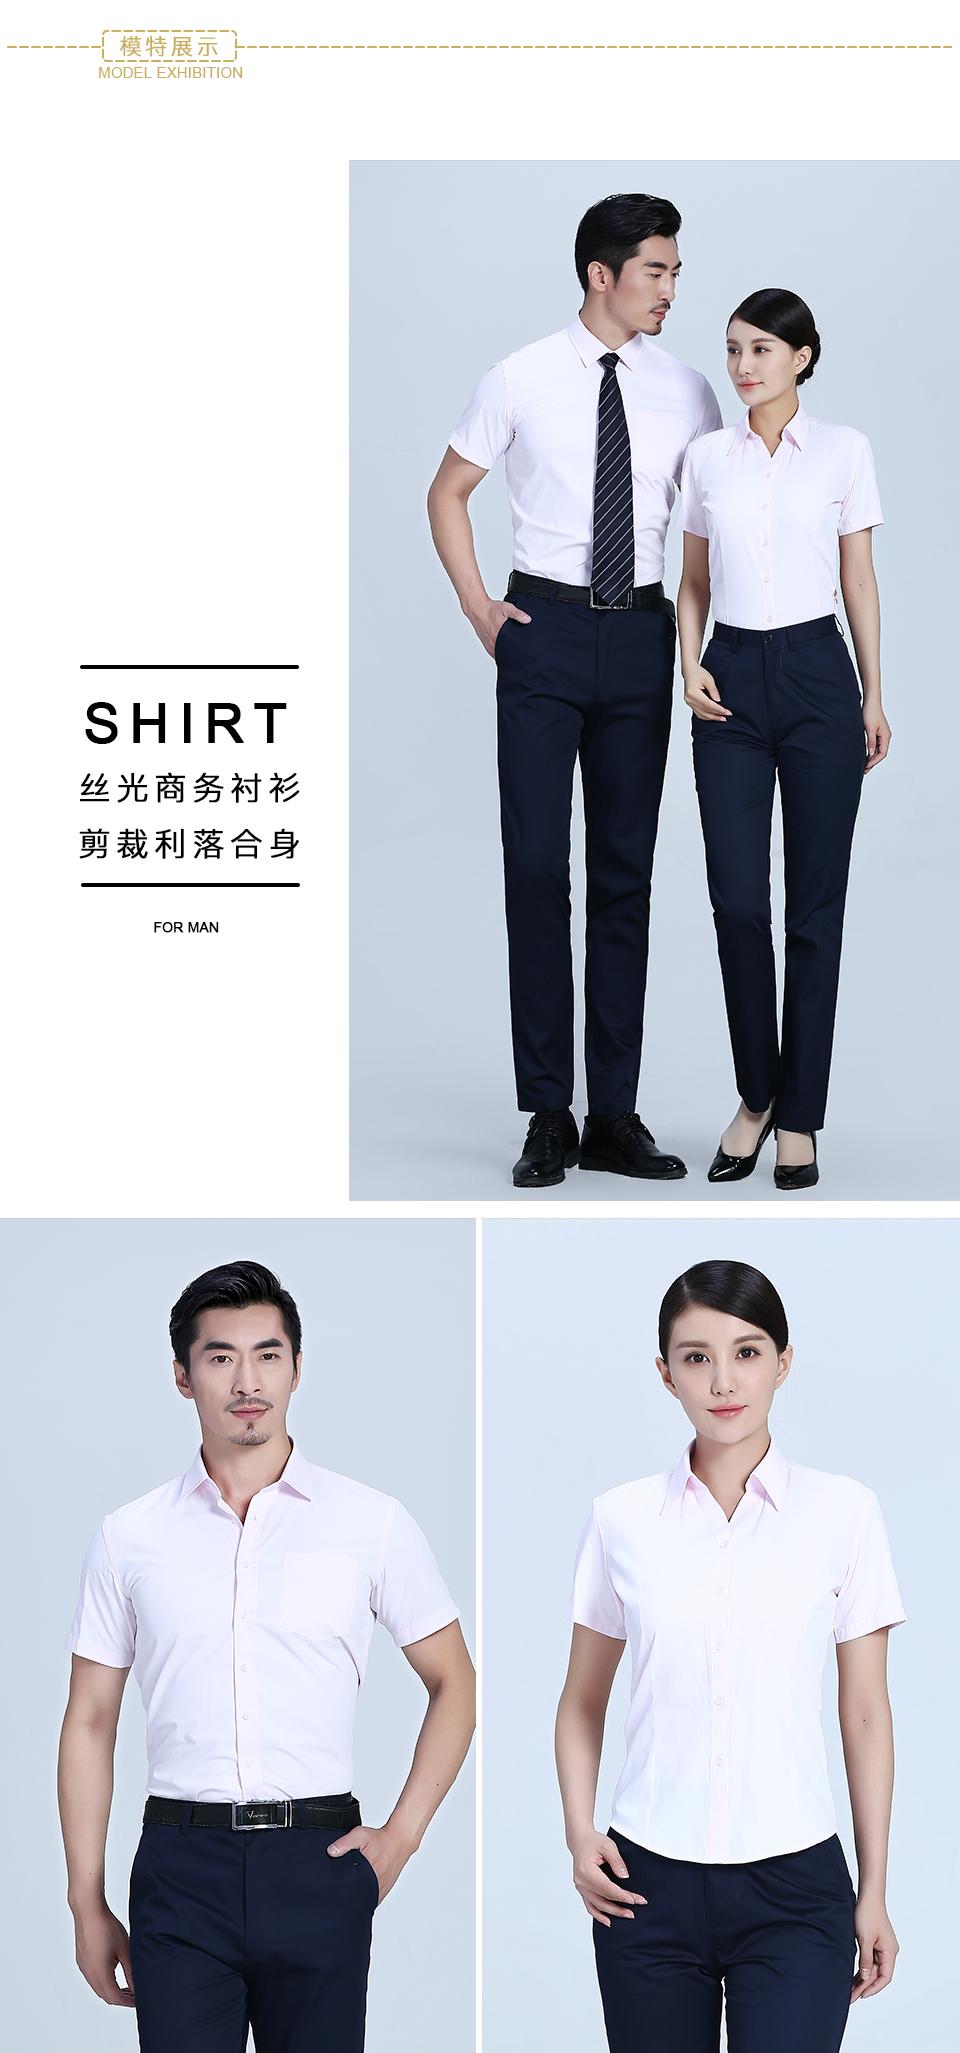 新款粉色全棉商务短袖衬衫